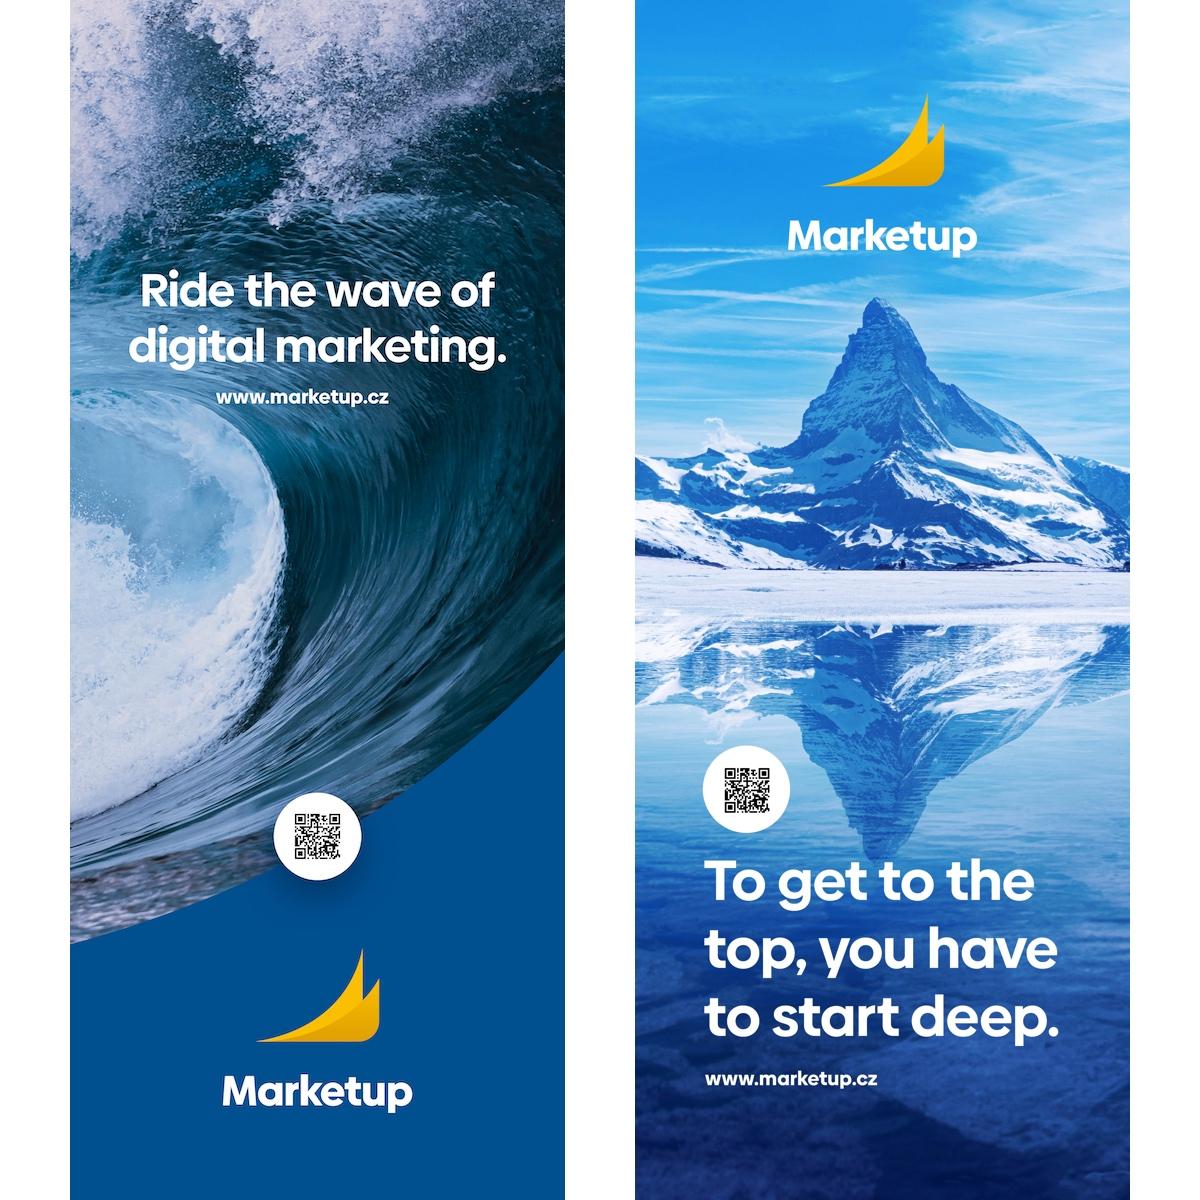 Nové vizuály agentury Marketup sprvky horských štítů, vodních ploch a s novými slogany